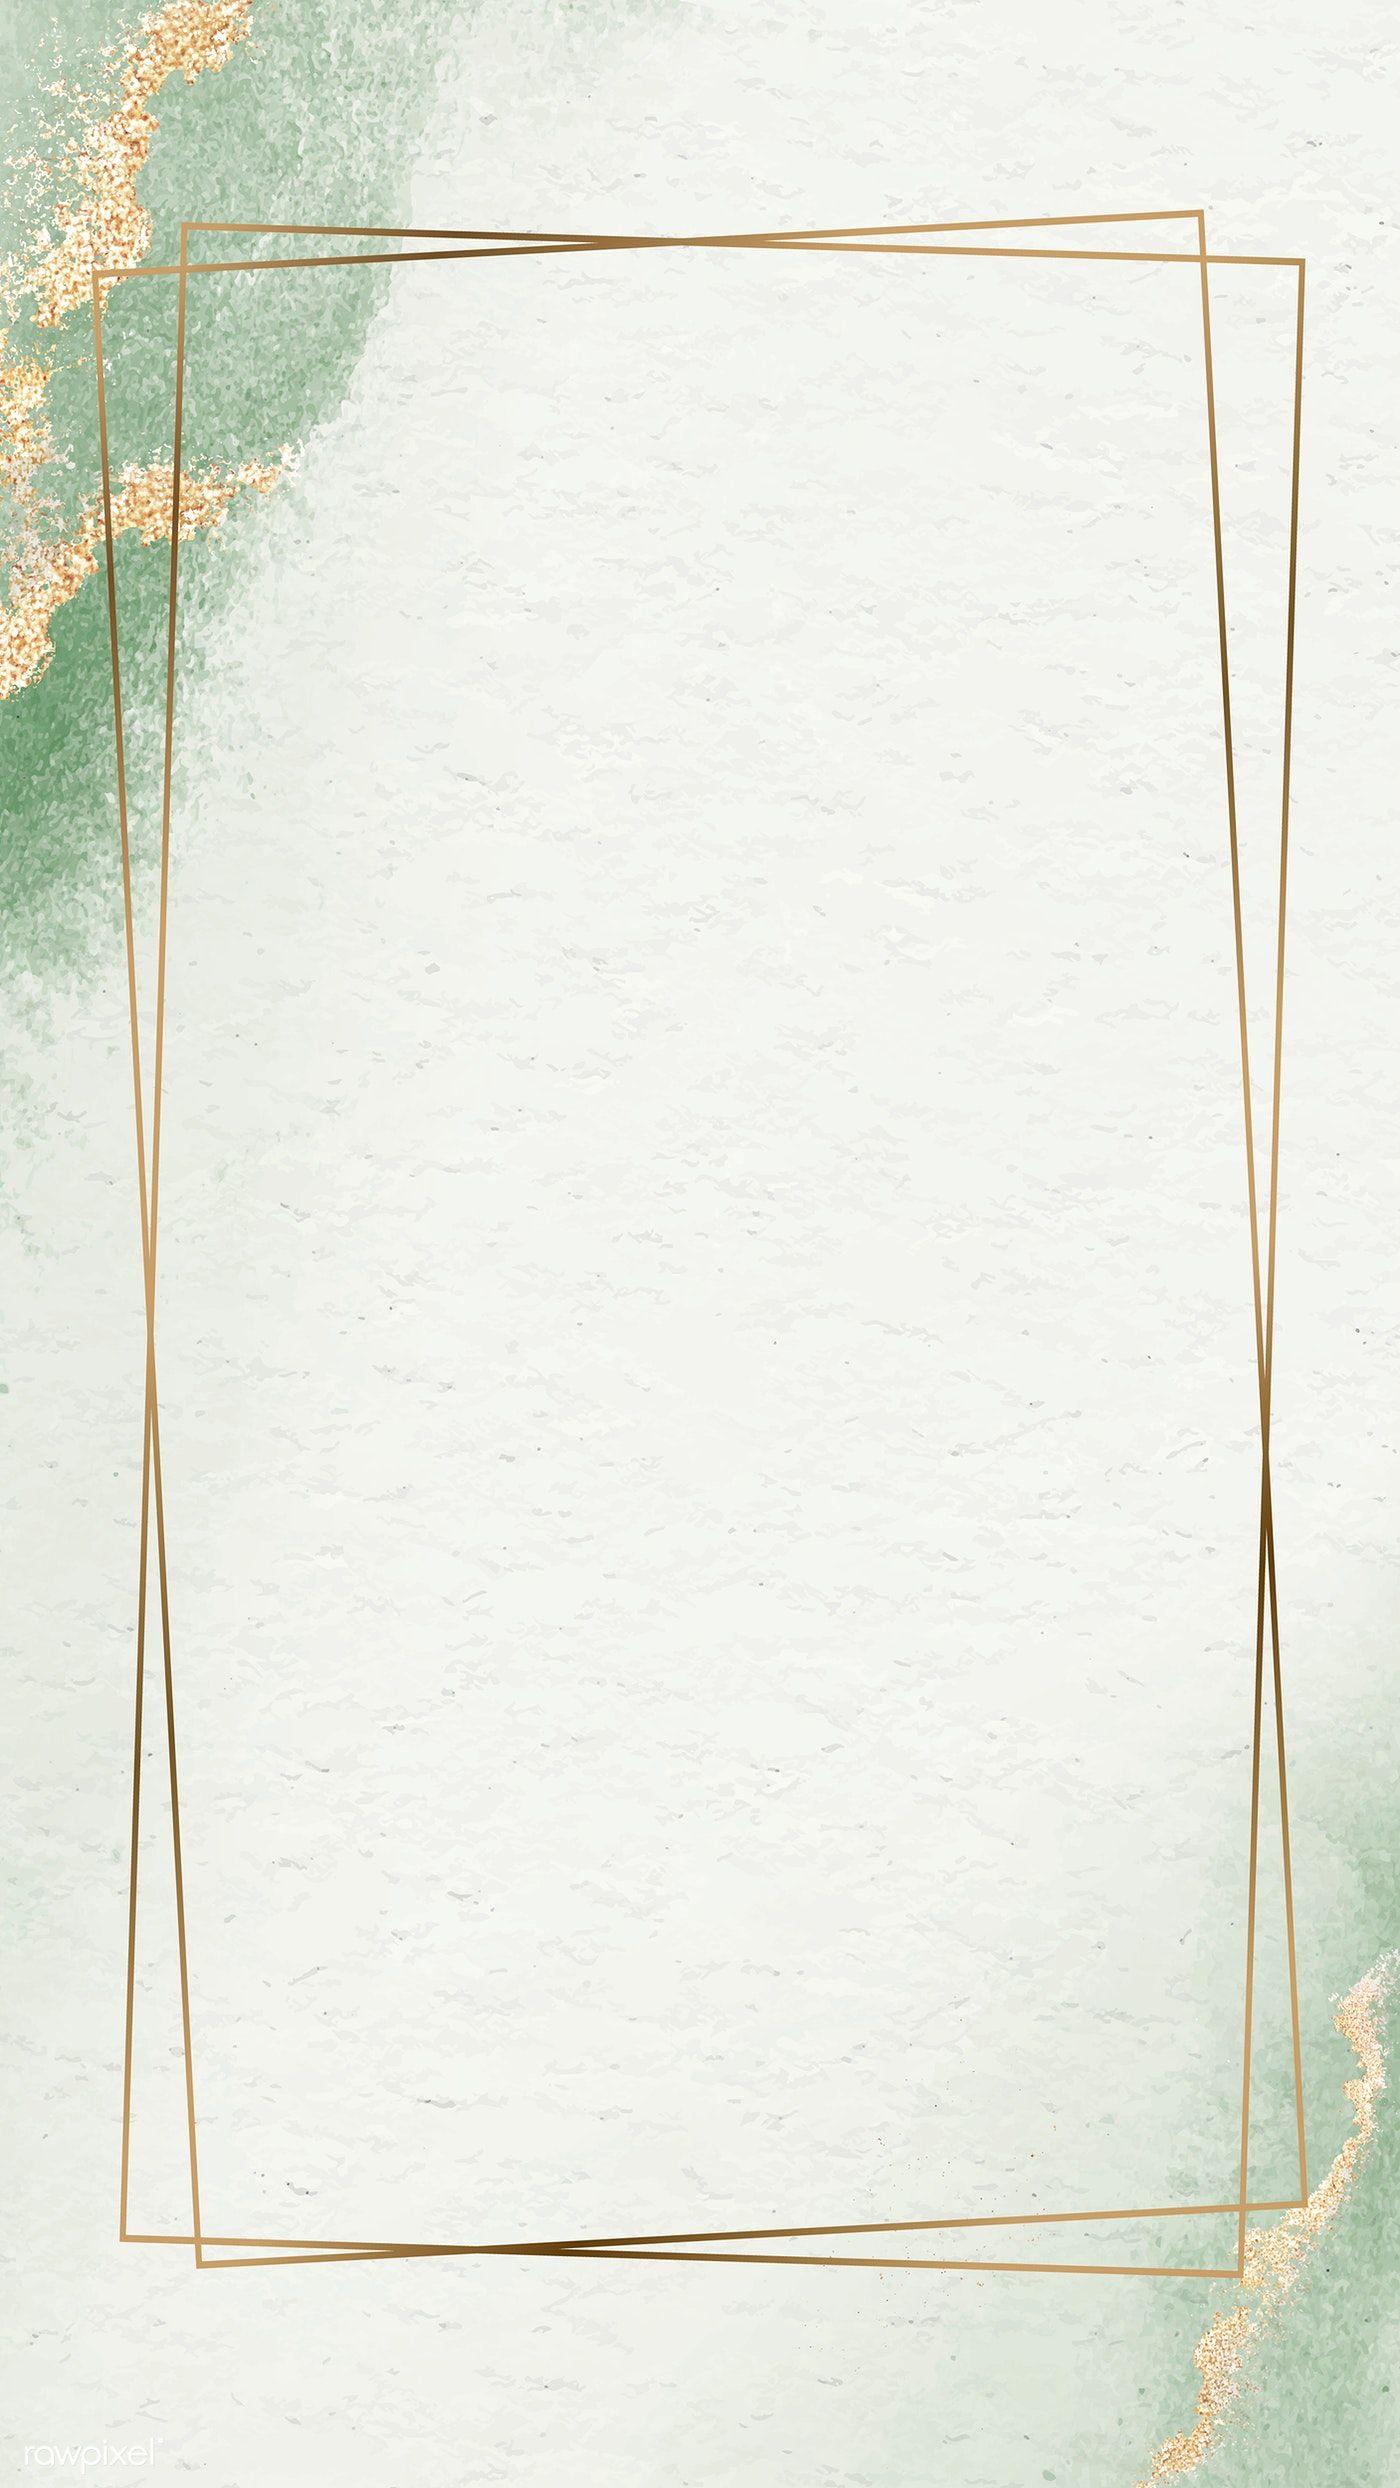 Download Premium Vector Of Rectangle Golden Vintage Frame Design Vintage Frames Frame Design Phone Wallpaper Design